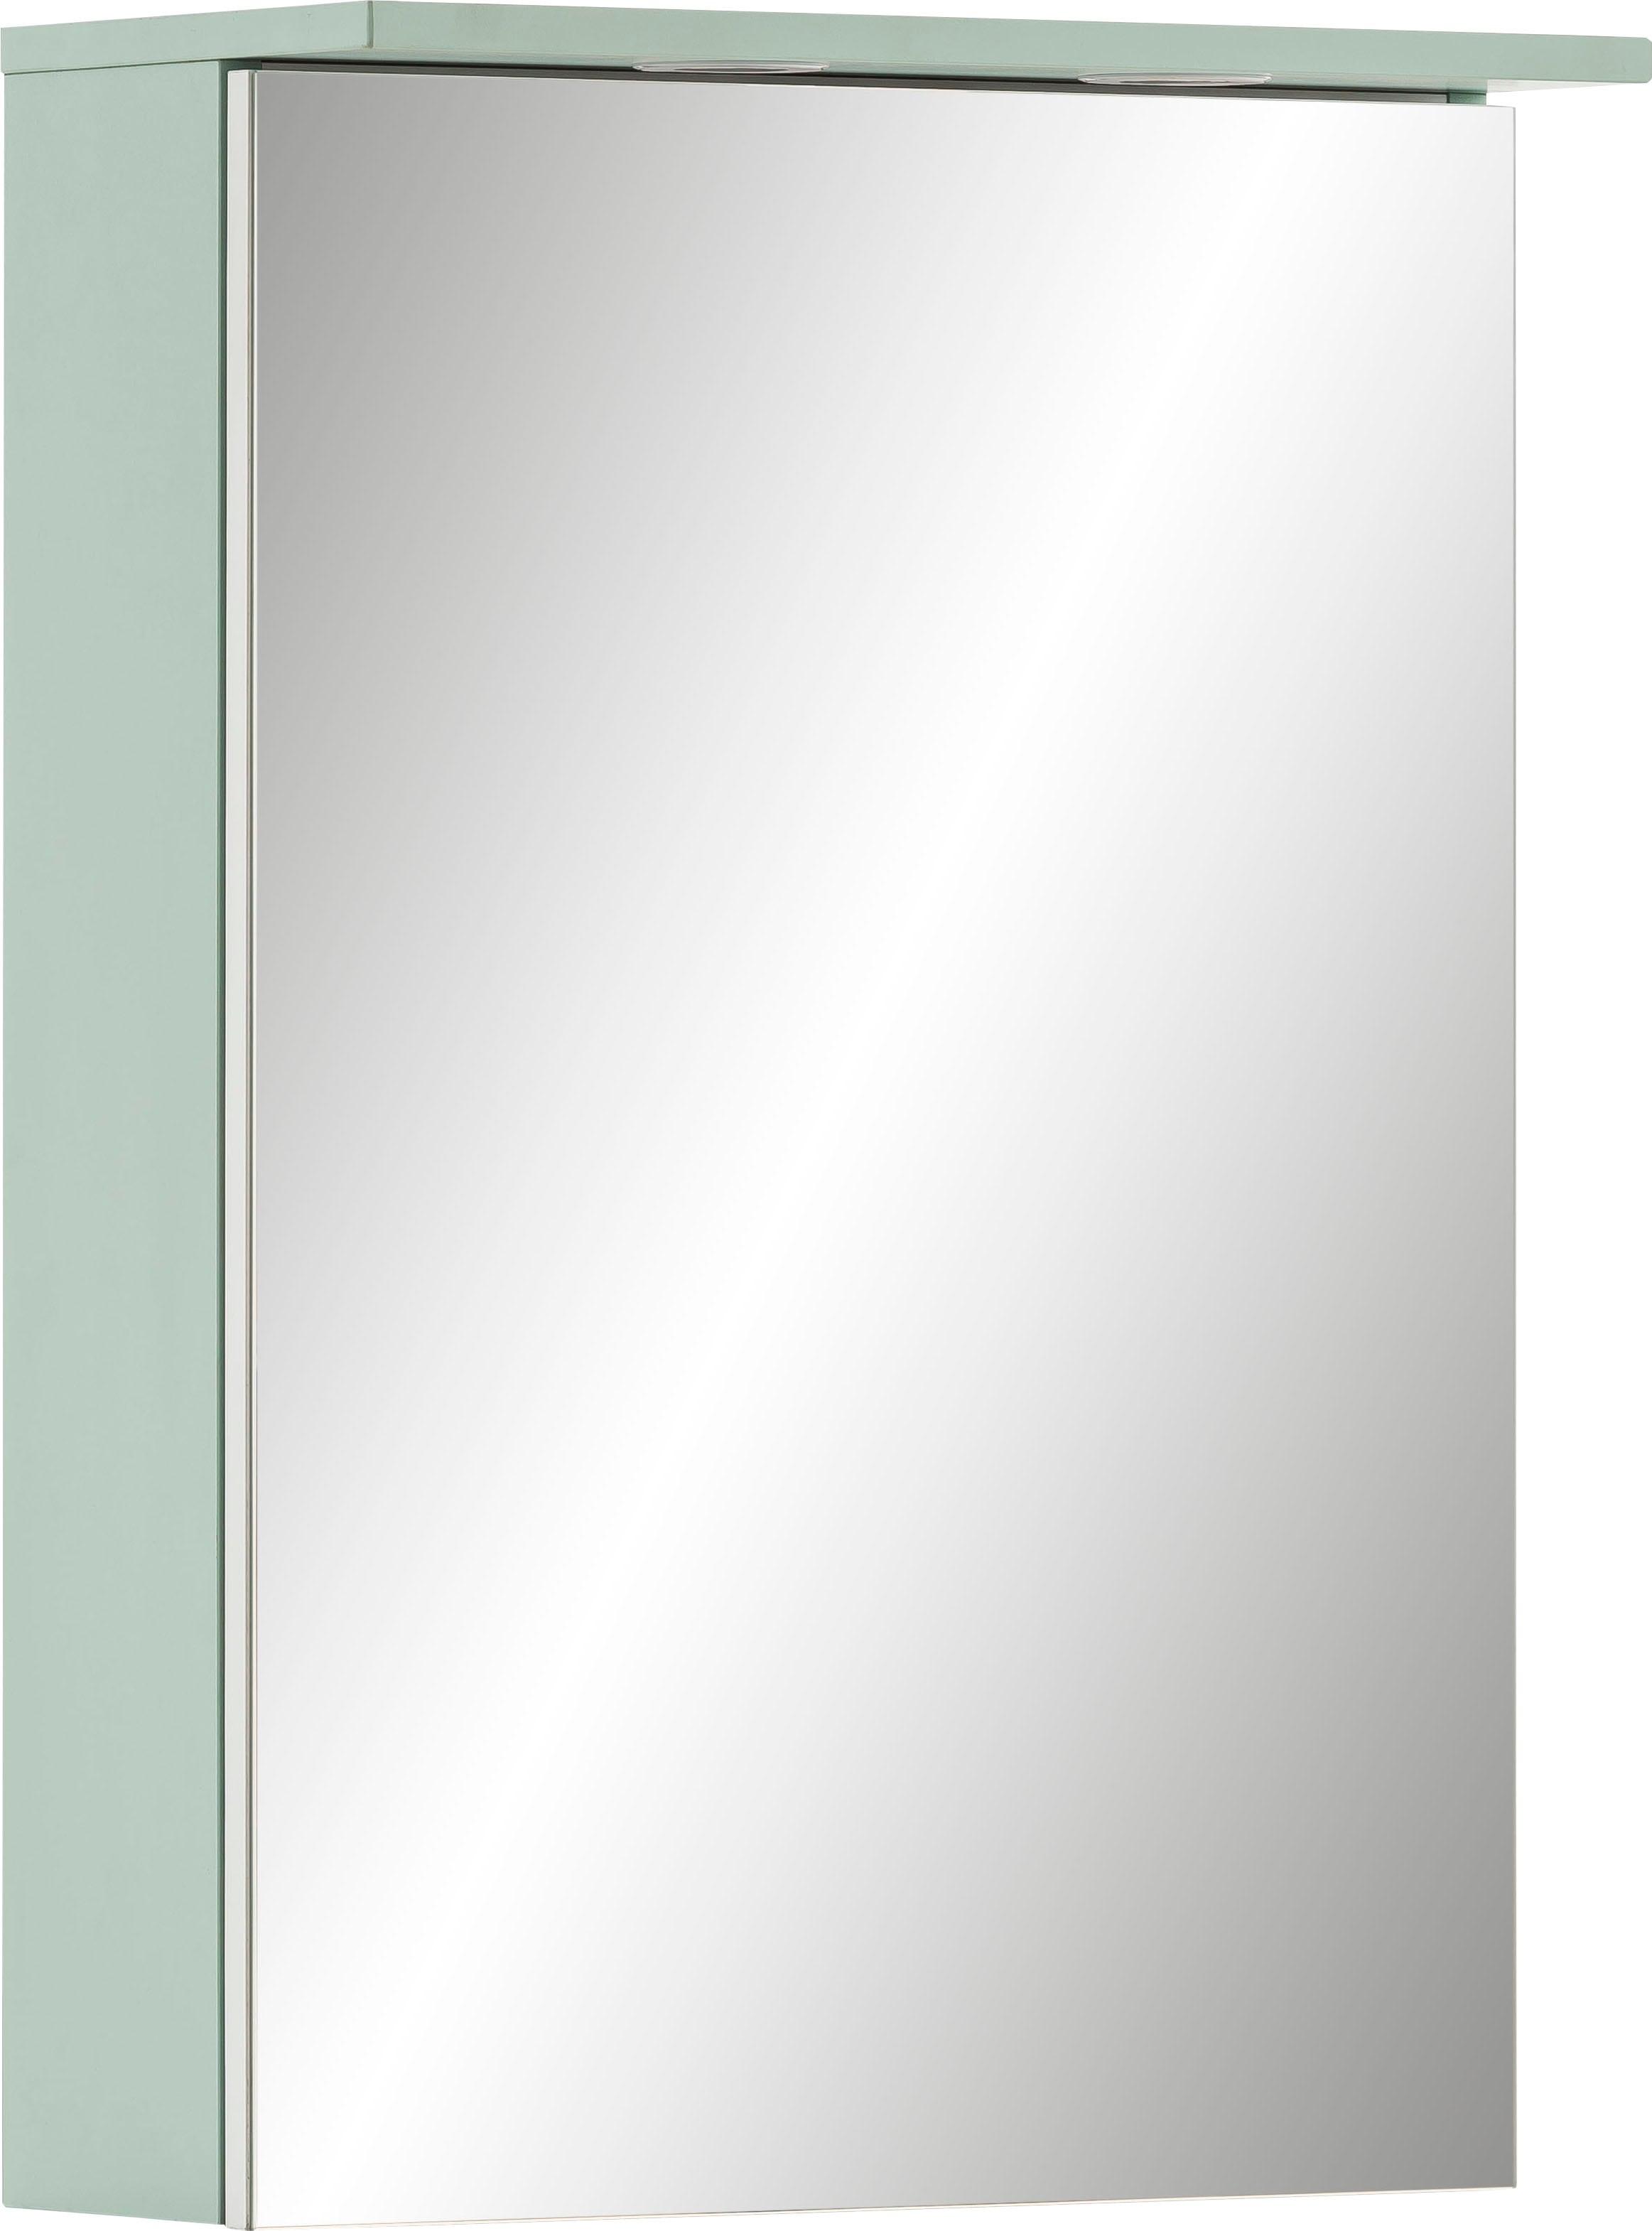 Schildmeyer Spiegelschrank Sarah, Breite 50,4 cm, 1-türig, 2 LED-Einbaustrahler, Schalter-/Steckdosenbox, Glaseinlegeböden, Made in Germany